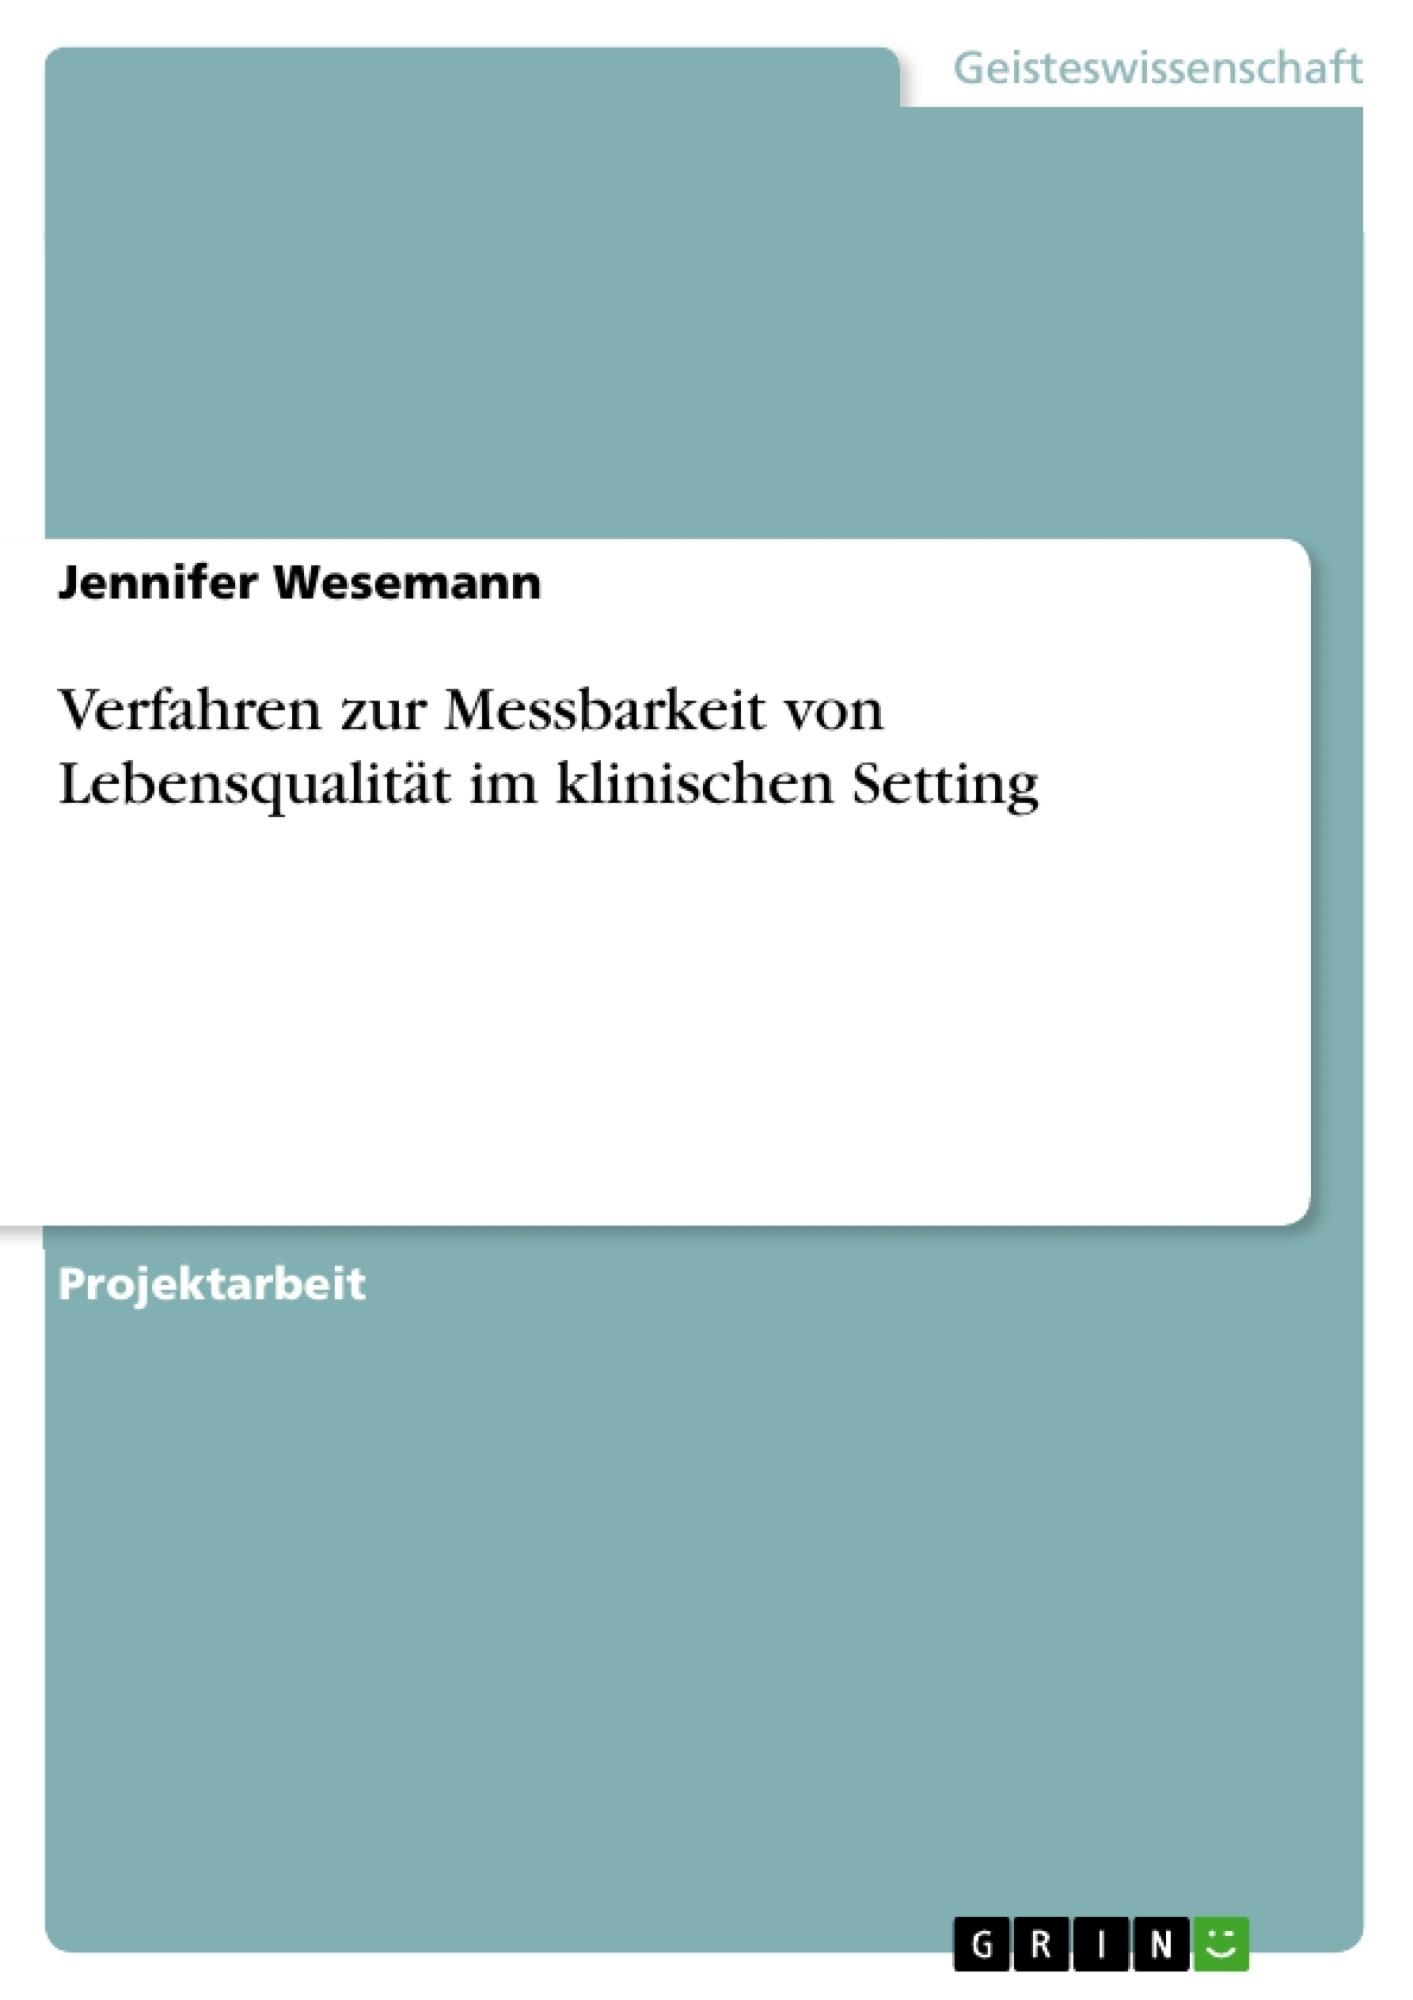 Titel: Verfahren zur Messbarkeit von Lebensqualität im klinischen Setting